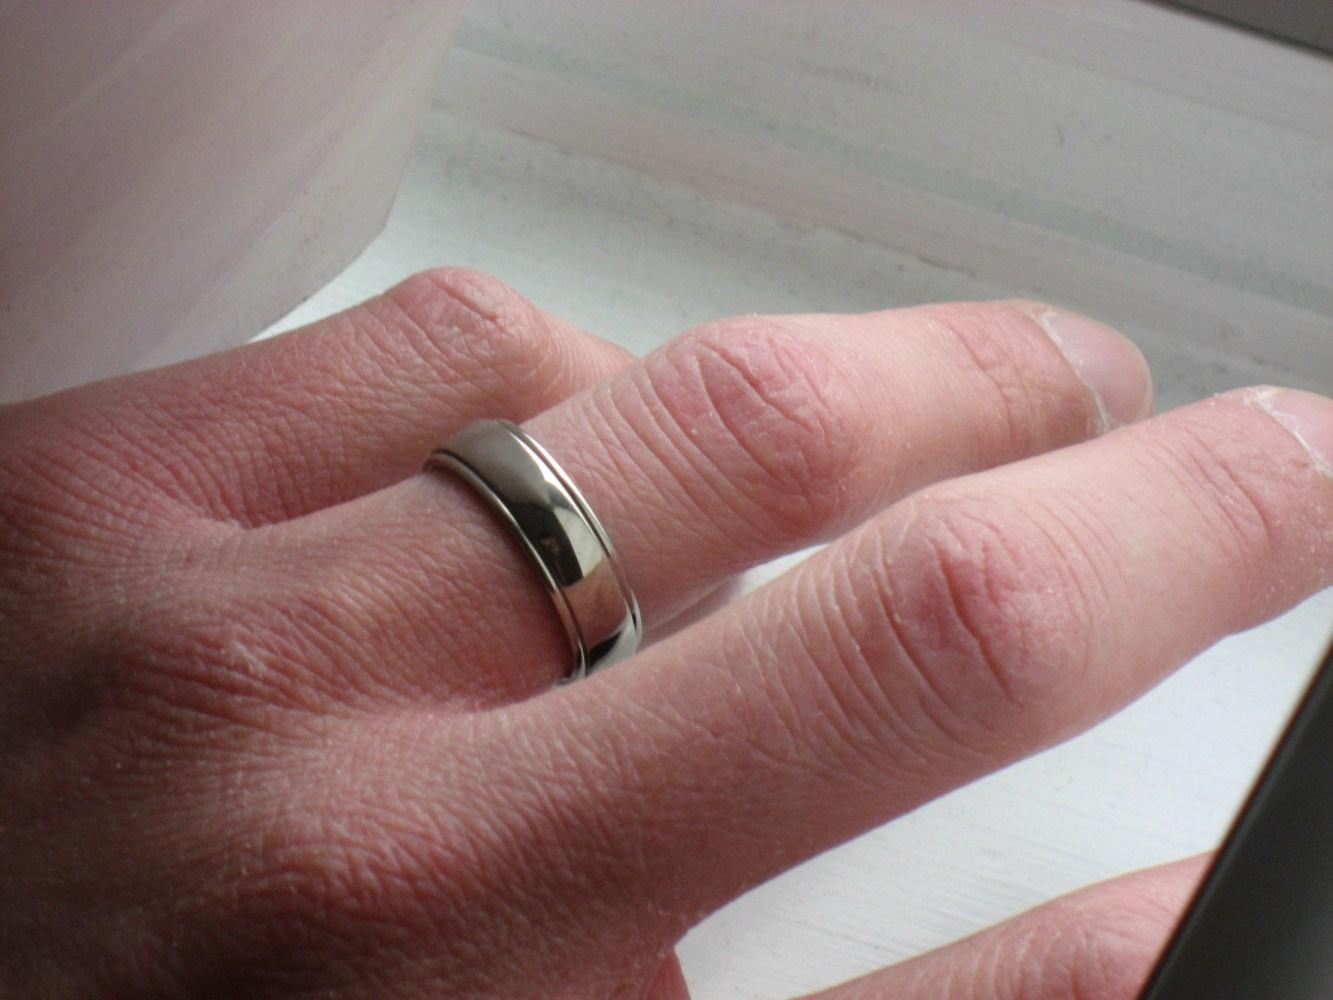 بريطاني يستعين بالطوارئ لنزع خاتم زواجه من إصبعه   مجلة الرجل